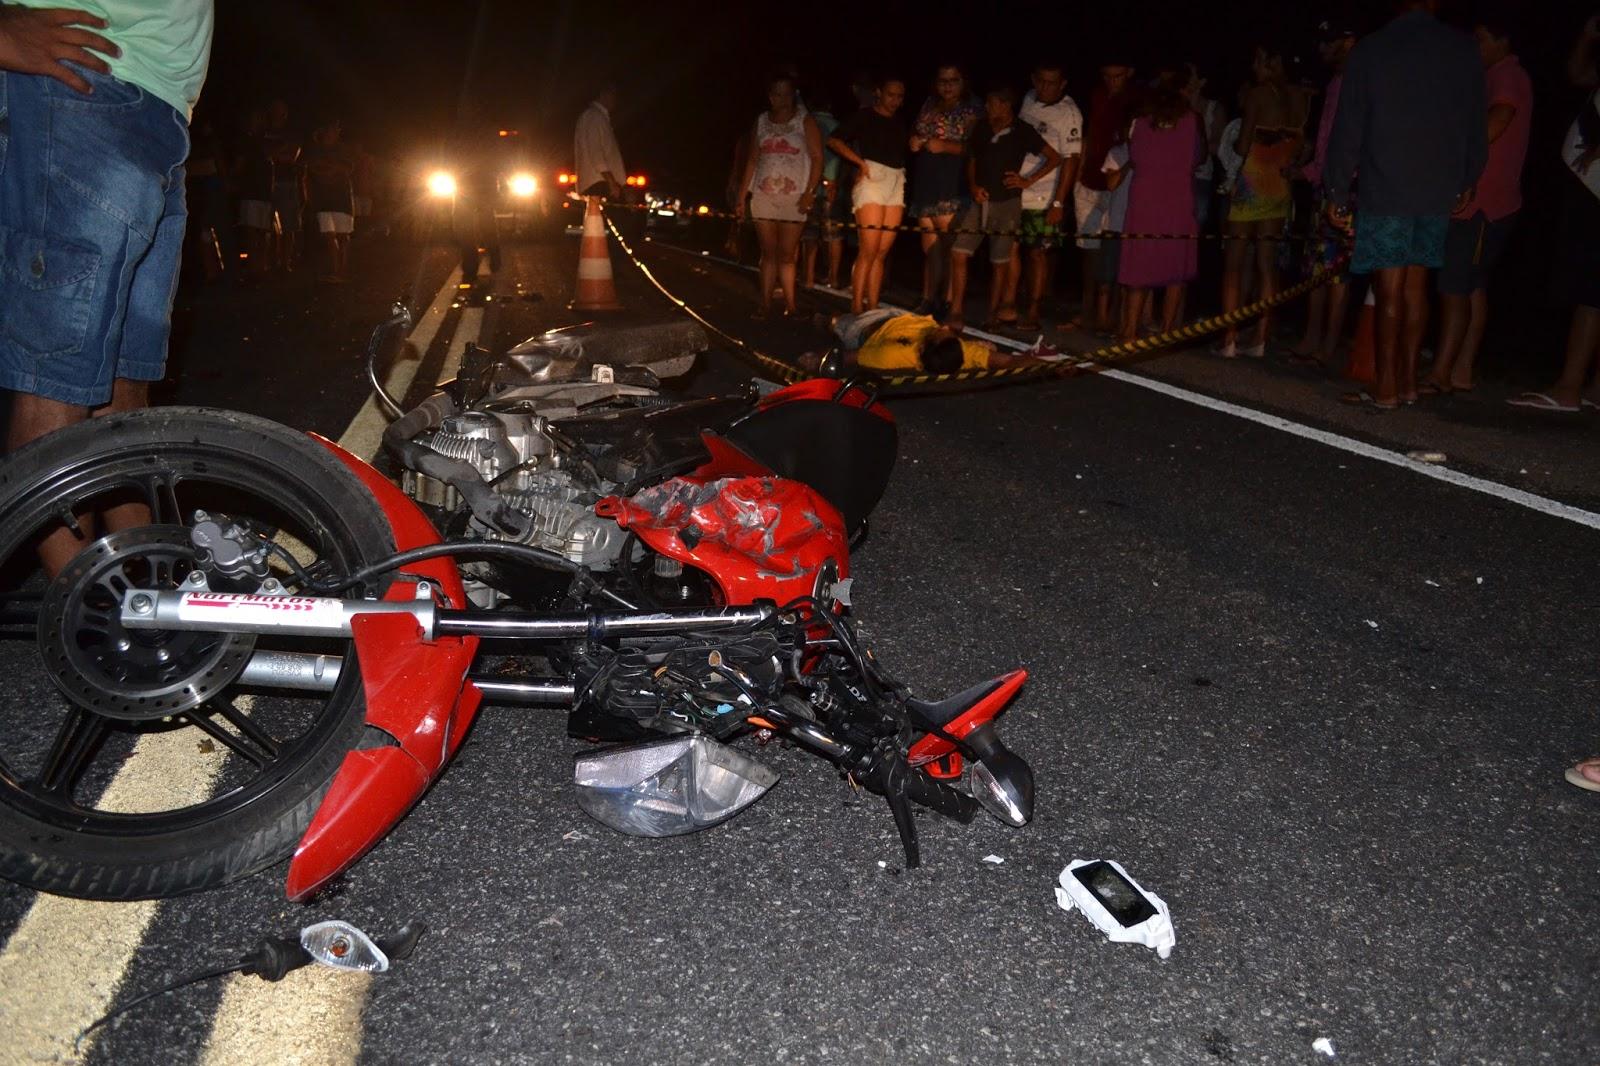 Tragédia pessoas morrem em colisão de motos